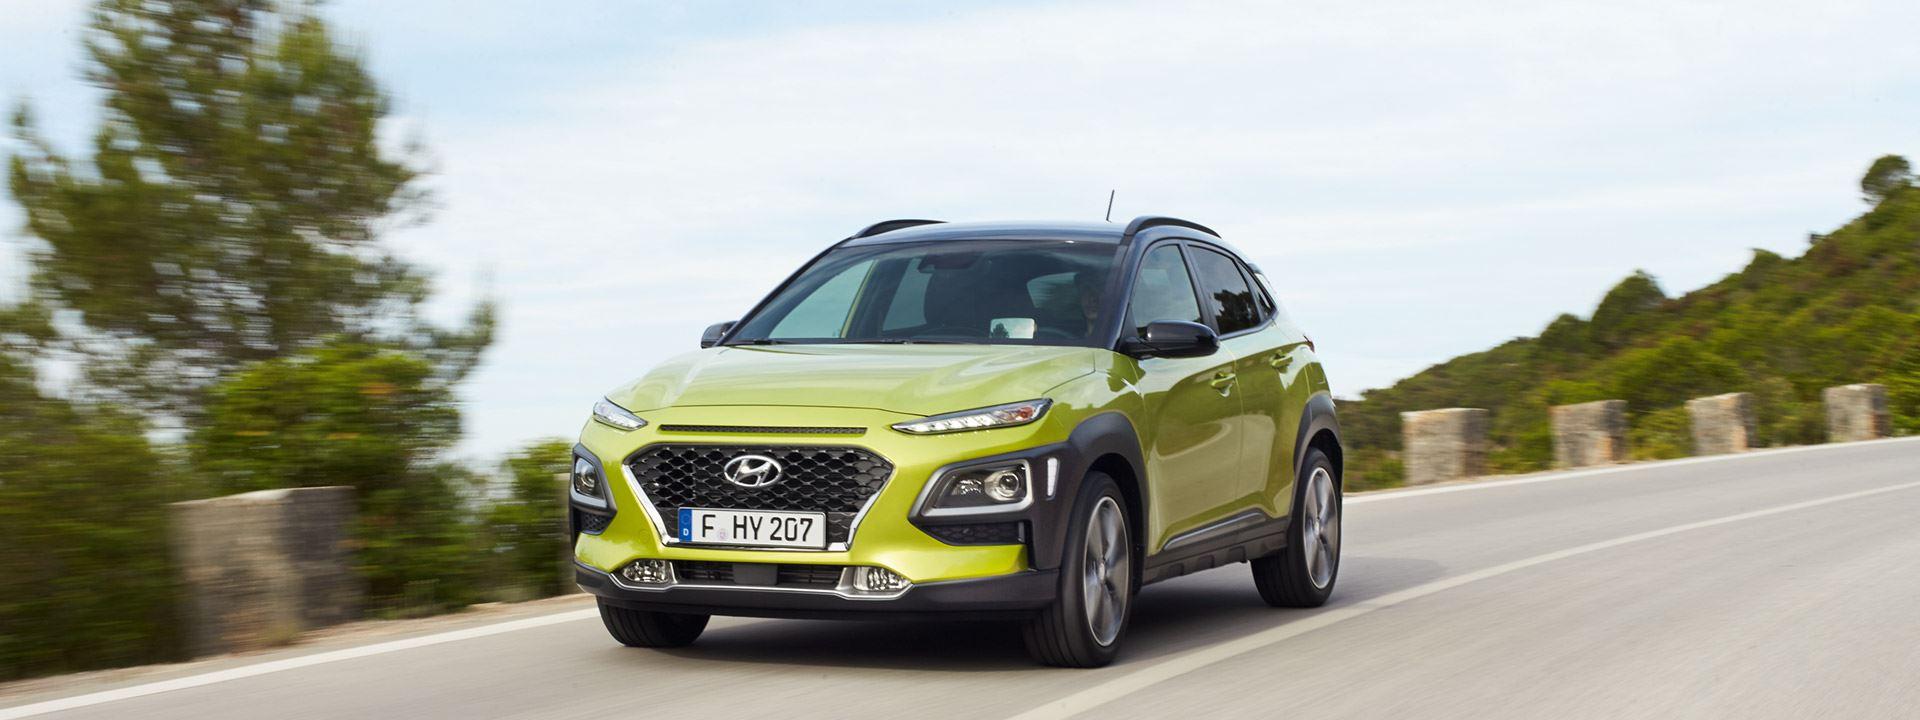 Eerste rijbeelden van de Hyundai KONA